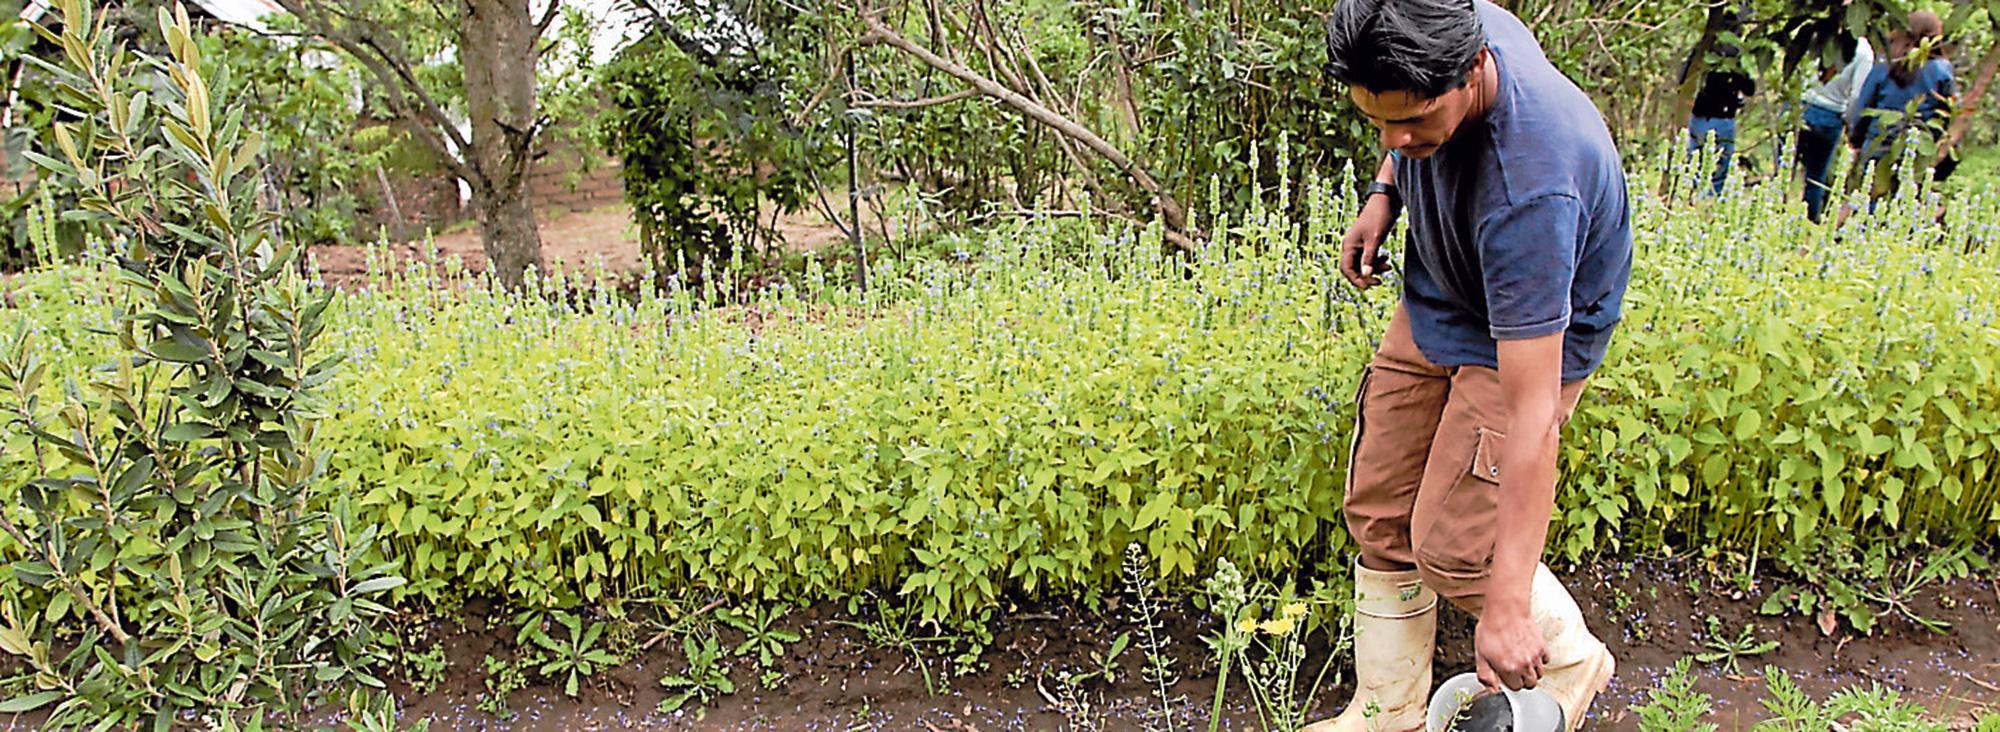 Agroecología, un modelo familiar y solidario